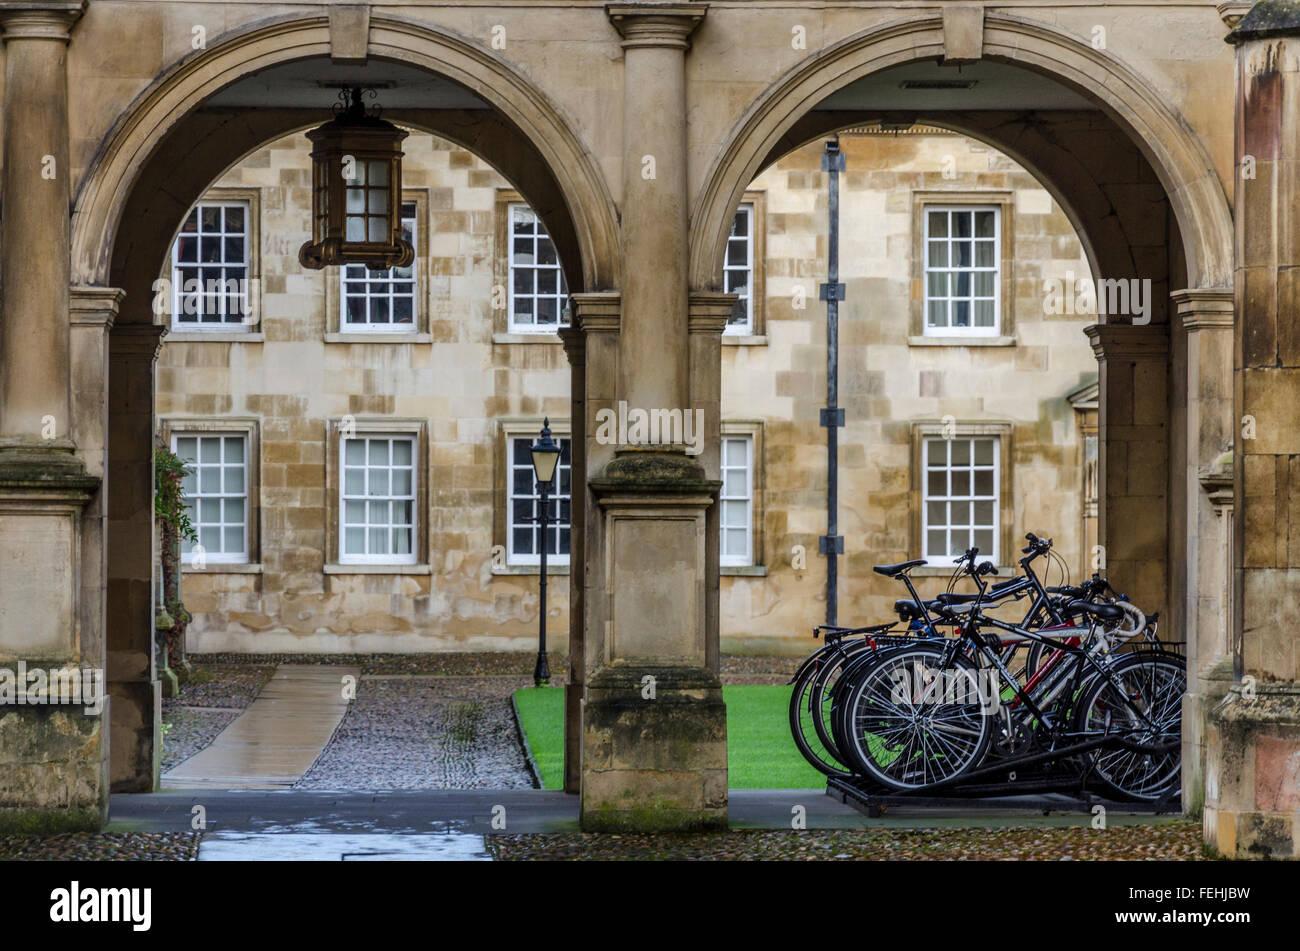 Peterhouse, Cambridge, UK - Stock Image